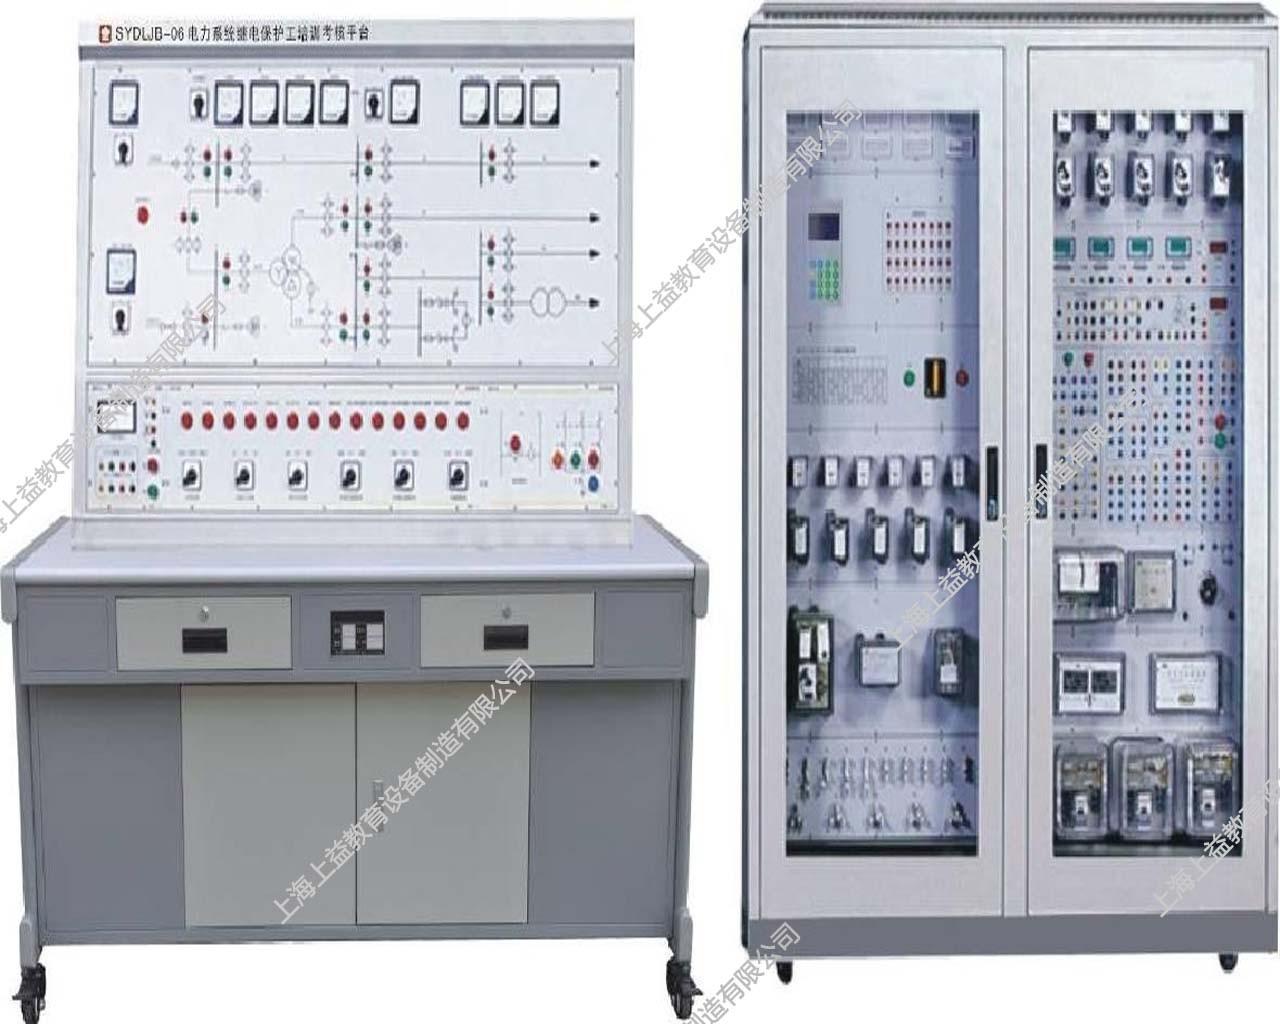 SYDLJB-06电力系统继电保护工培训lehu68vip平台